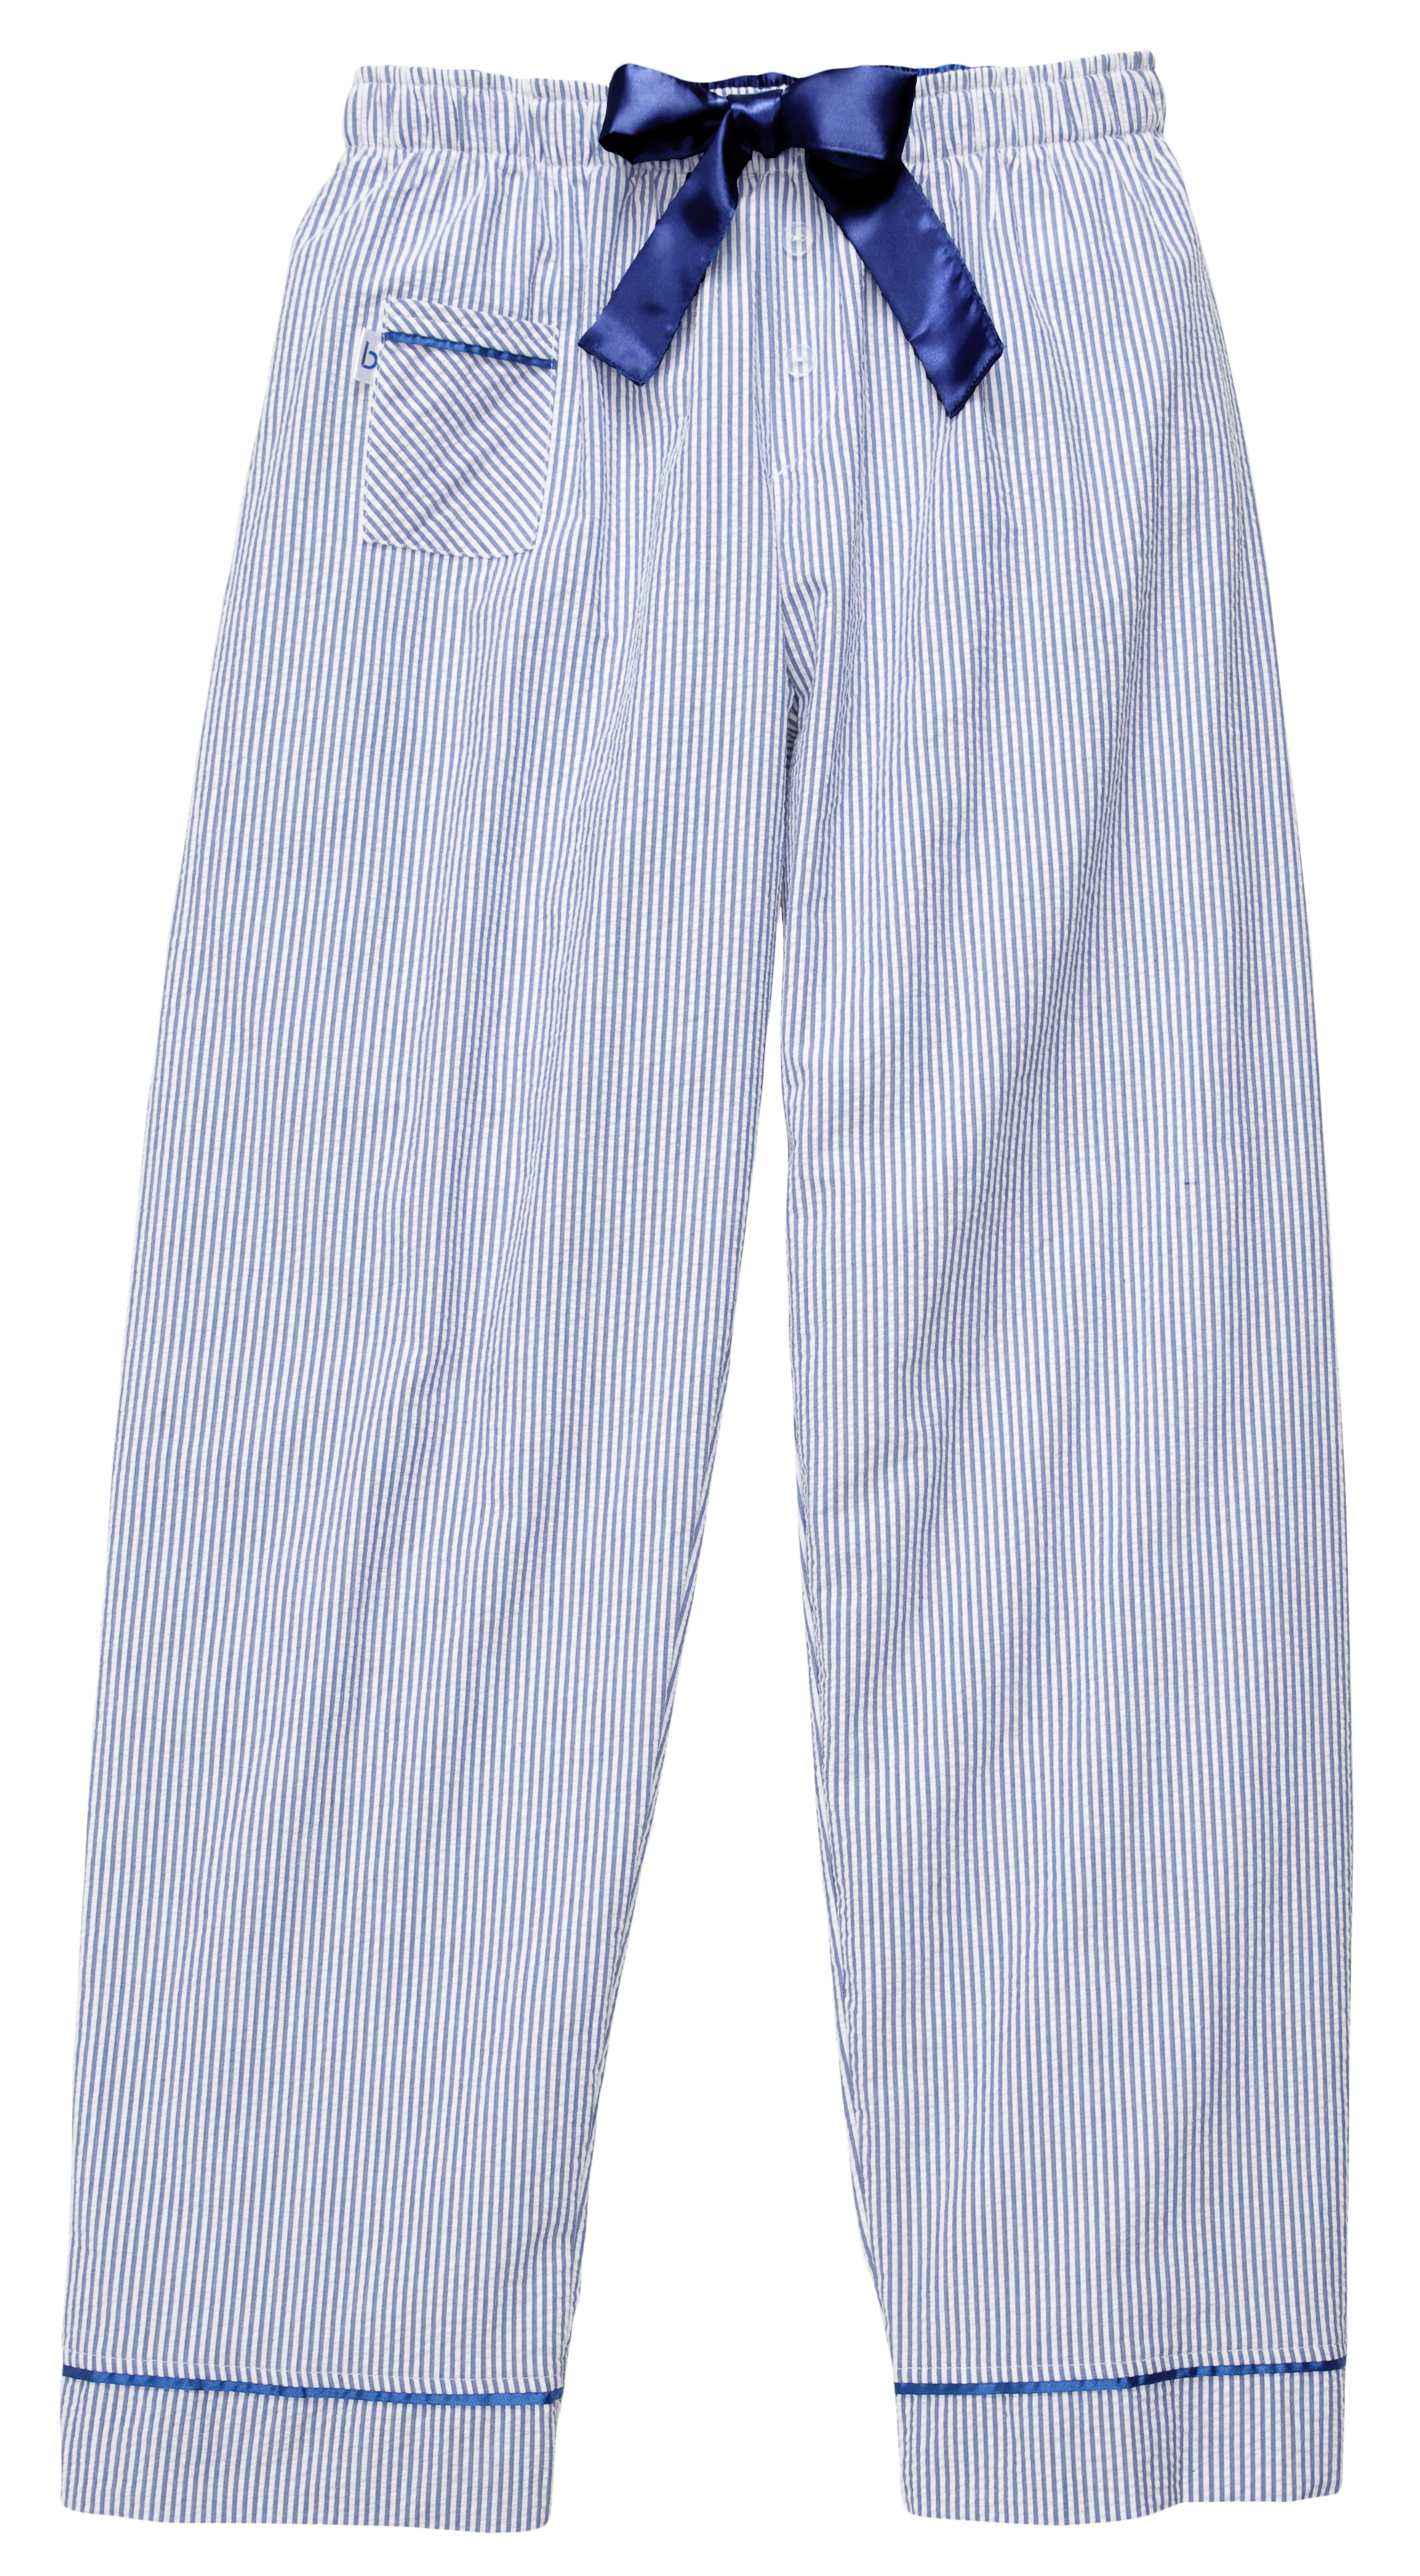 Women S Seersucker Pants Monogrammed Pajama Pants Navy